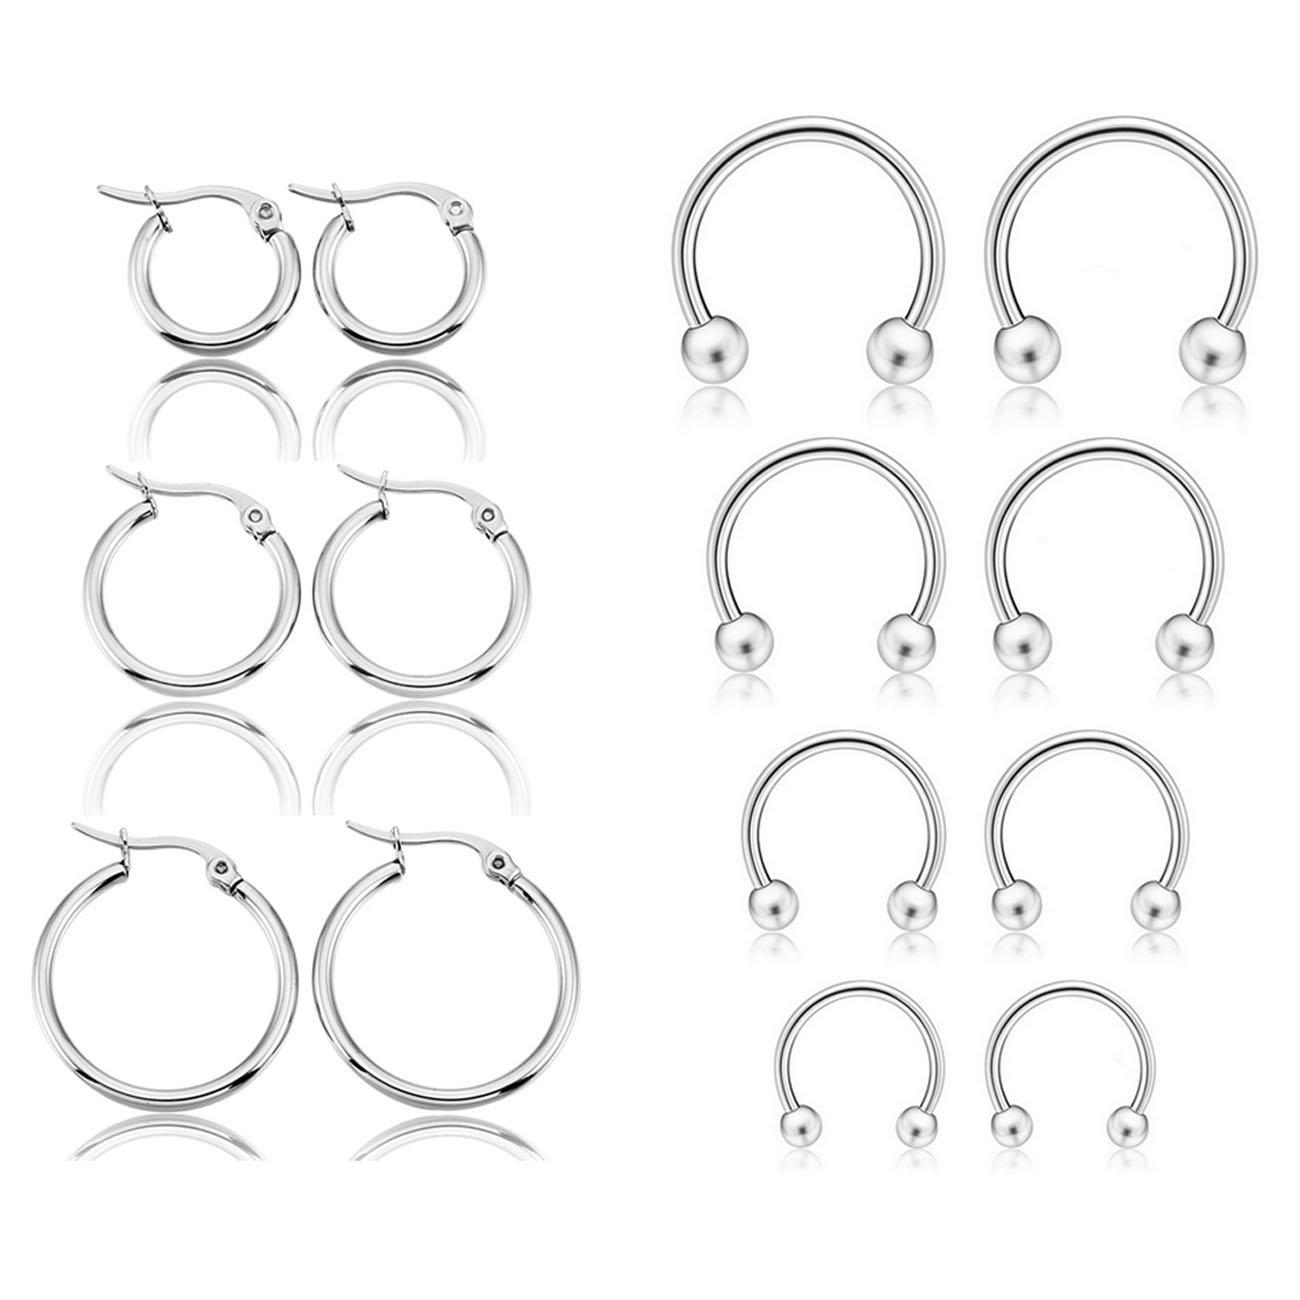 MOWOM 6~7 Pairs Stainless Steel Earrings Nose Piercing Eyebrow Septum Ring Hoop Tragus Cartilage Piercing ca5060260